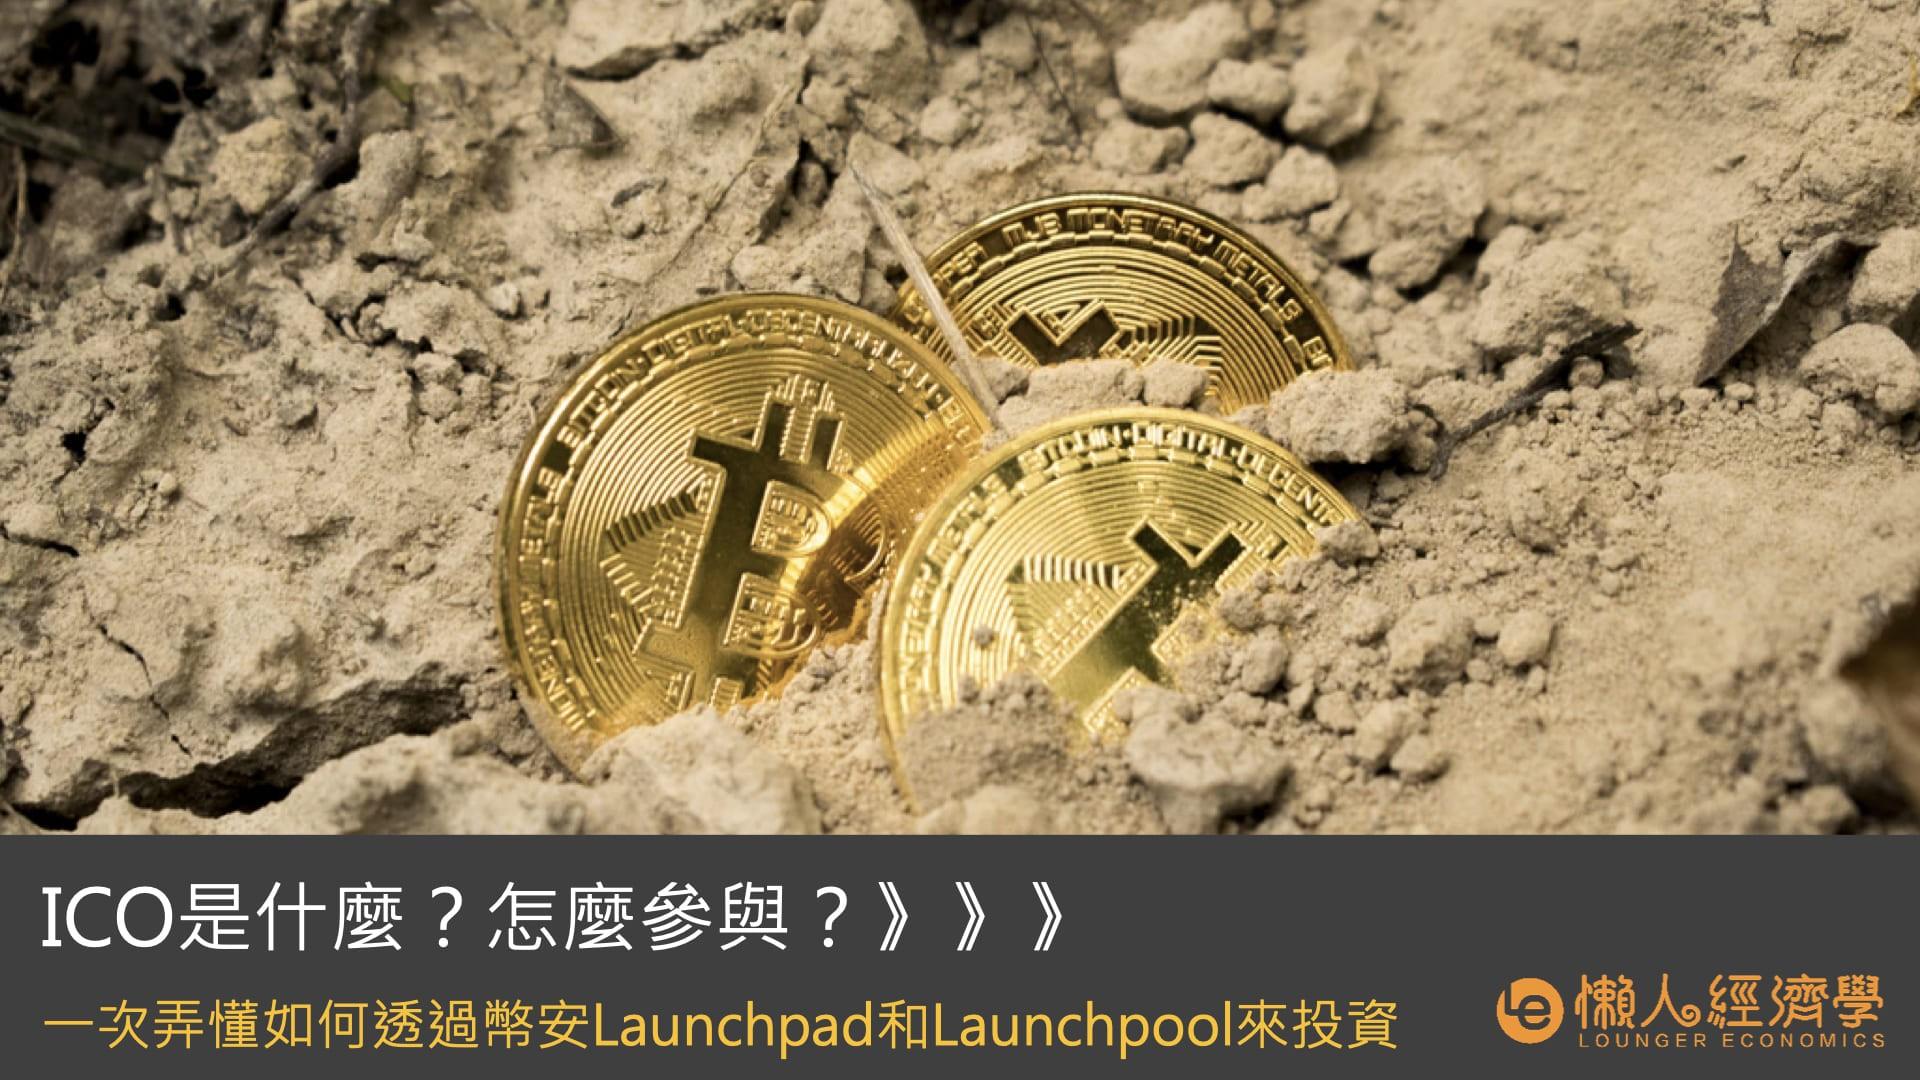 ICO是什麼?怎麼參與?一次弄懂如何透過幣安Launchpad來投資